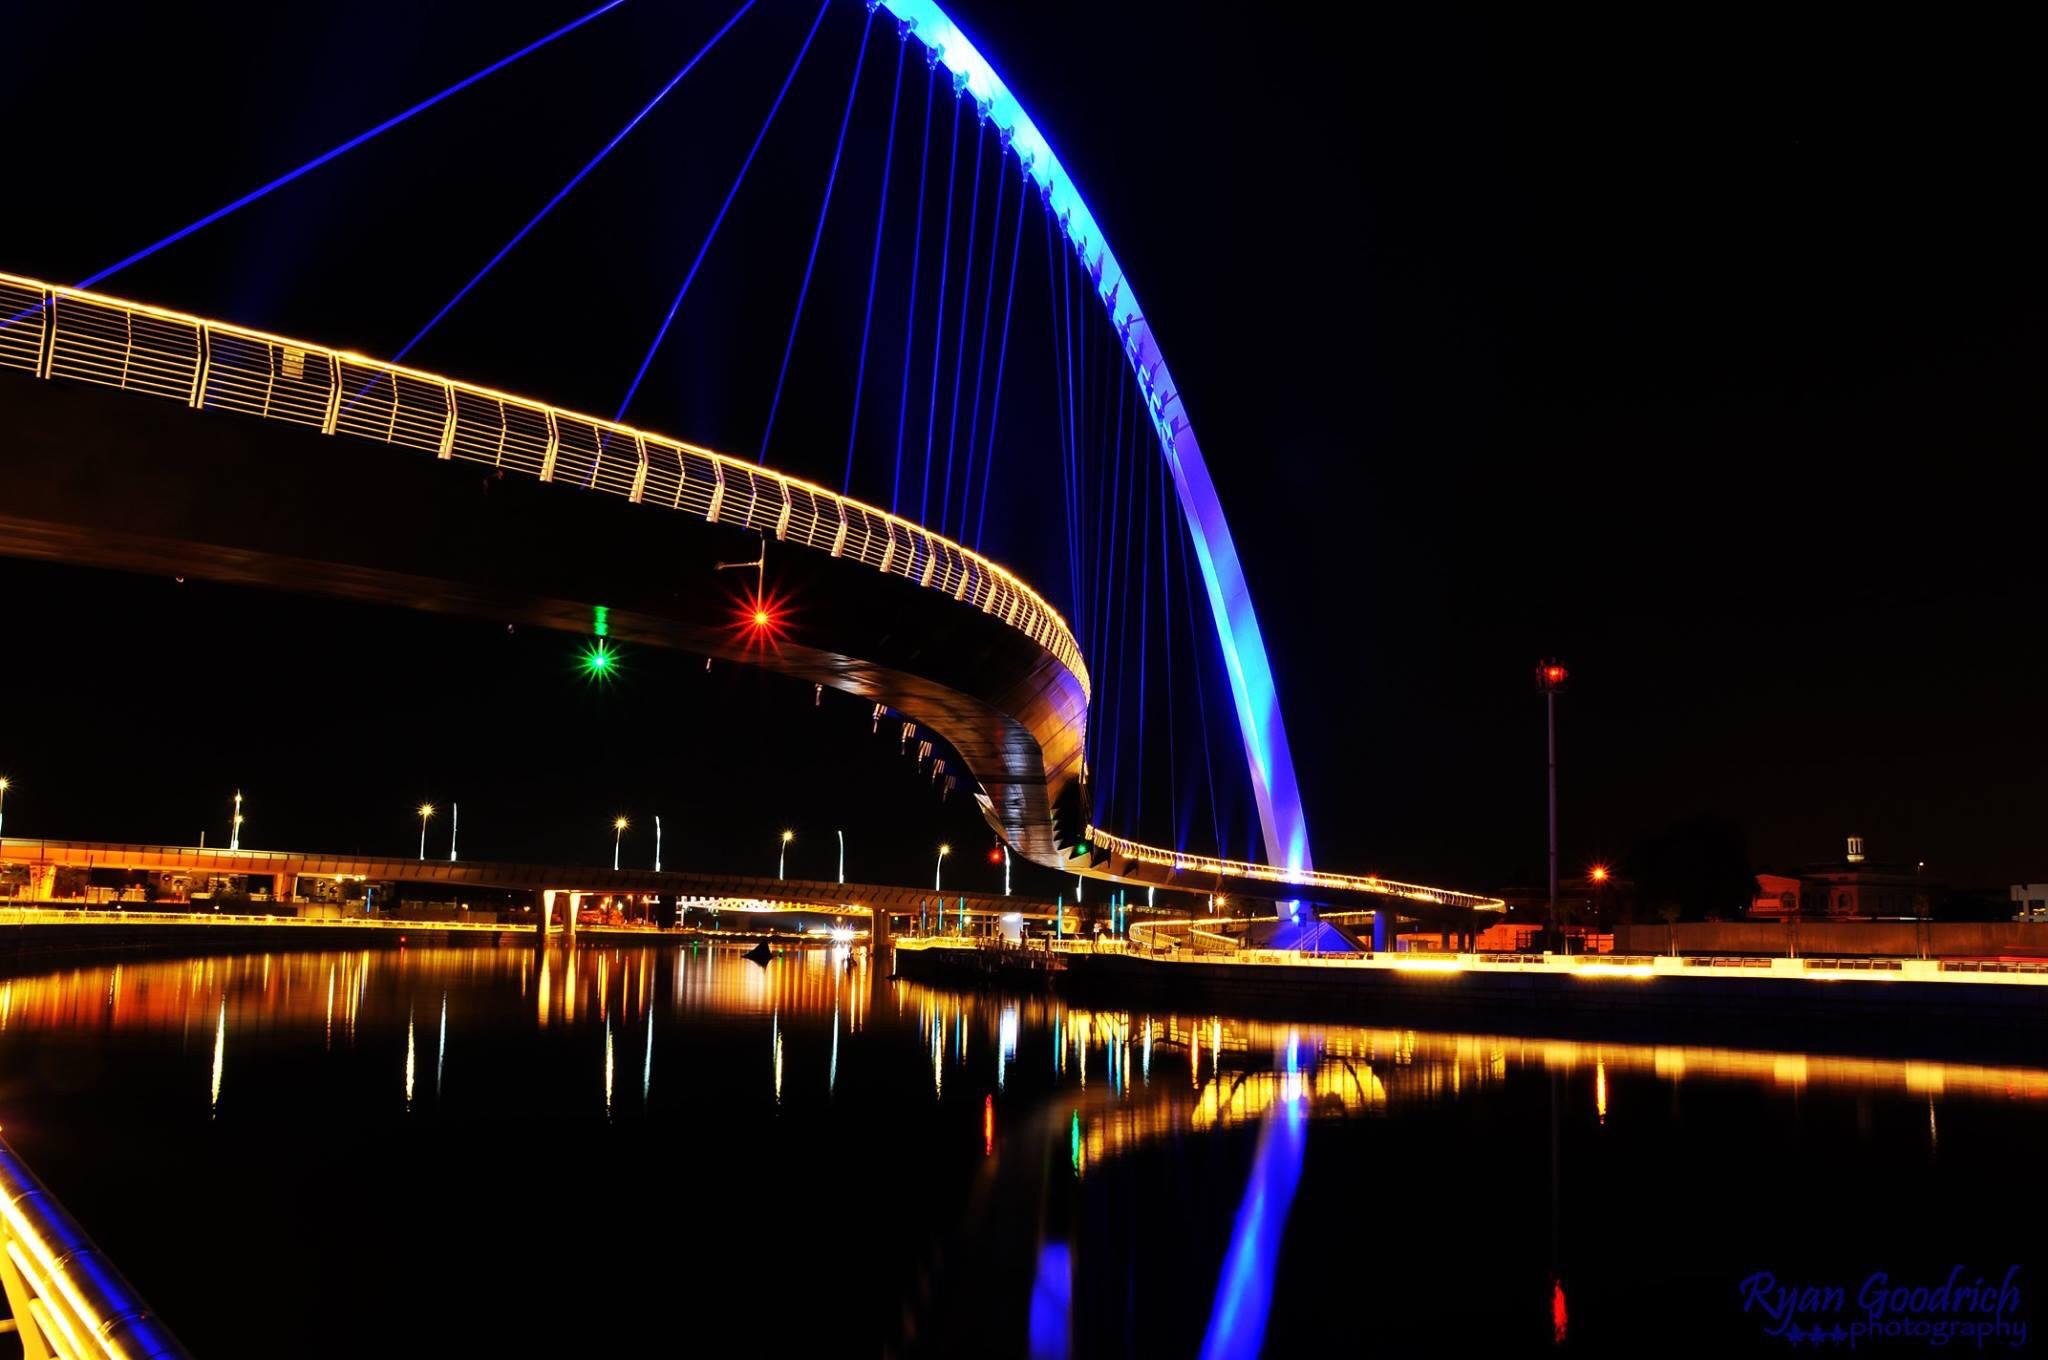 Under the bridge by  Ryan Goodrich